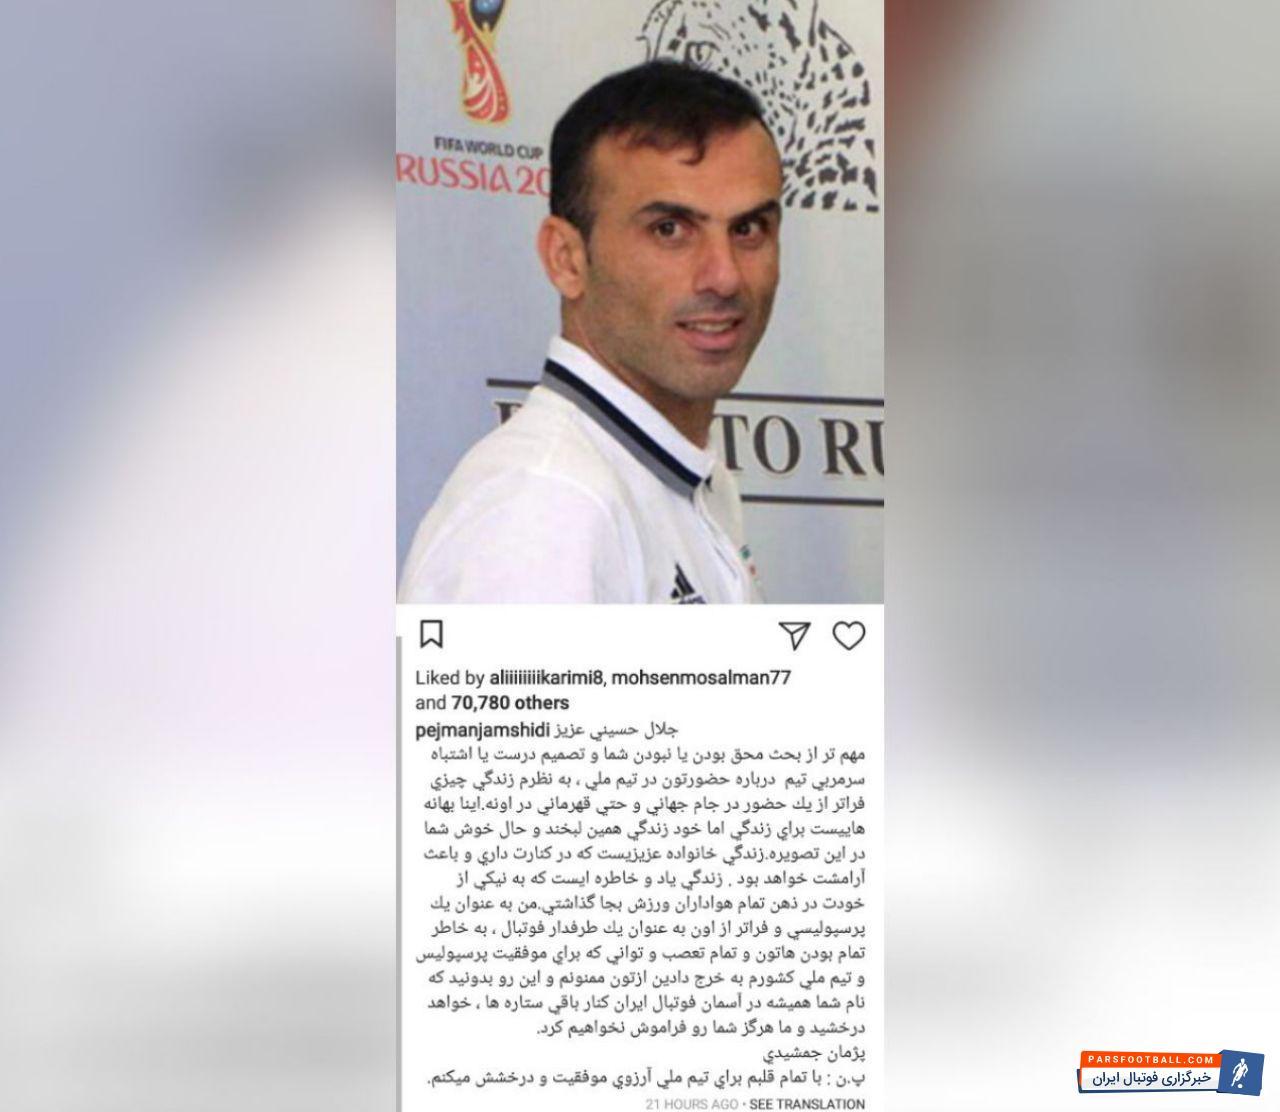 جمشیدی ؛ دلنوشته اینستاگرامی پژمان جمشیدی برای سید جلال حسینی